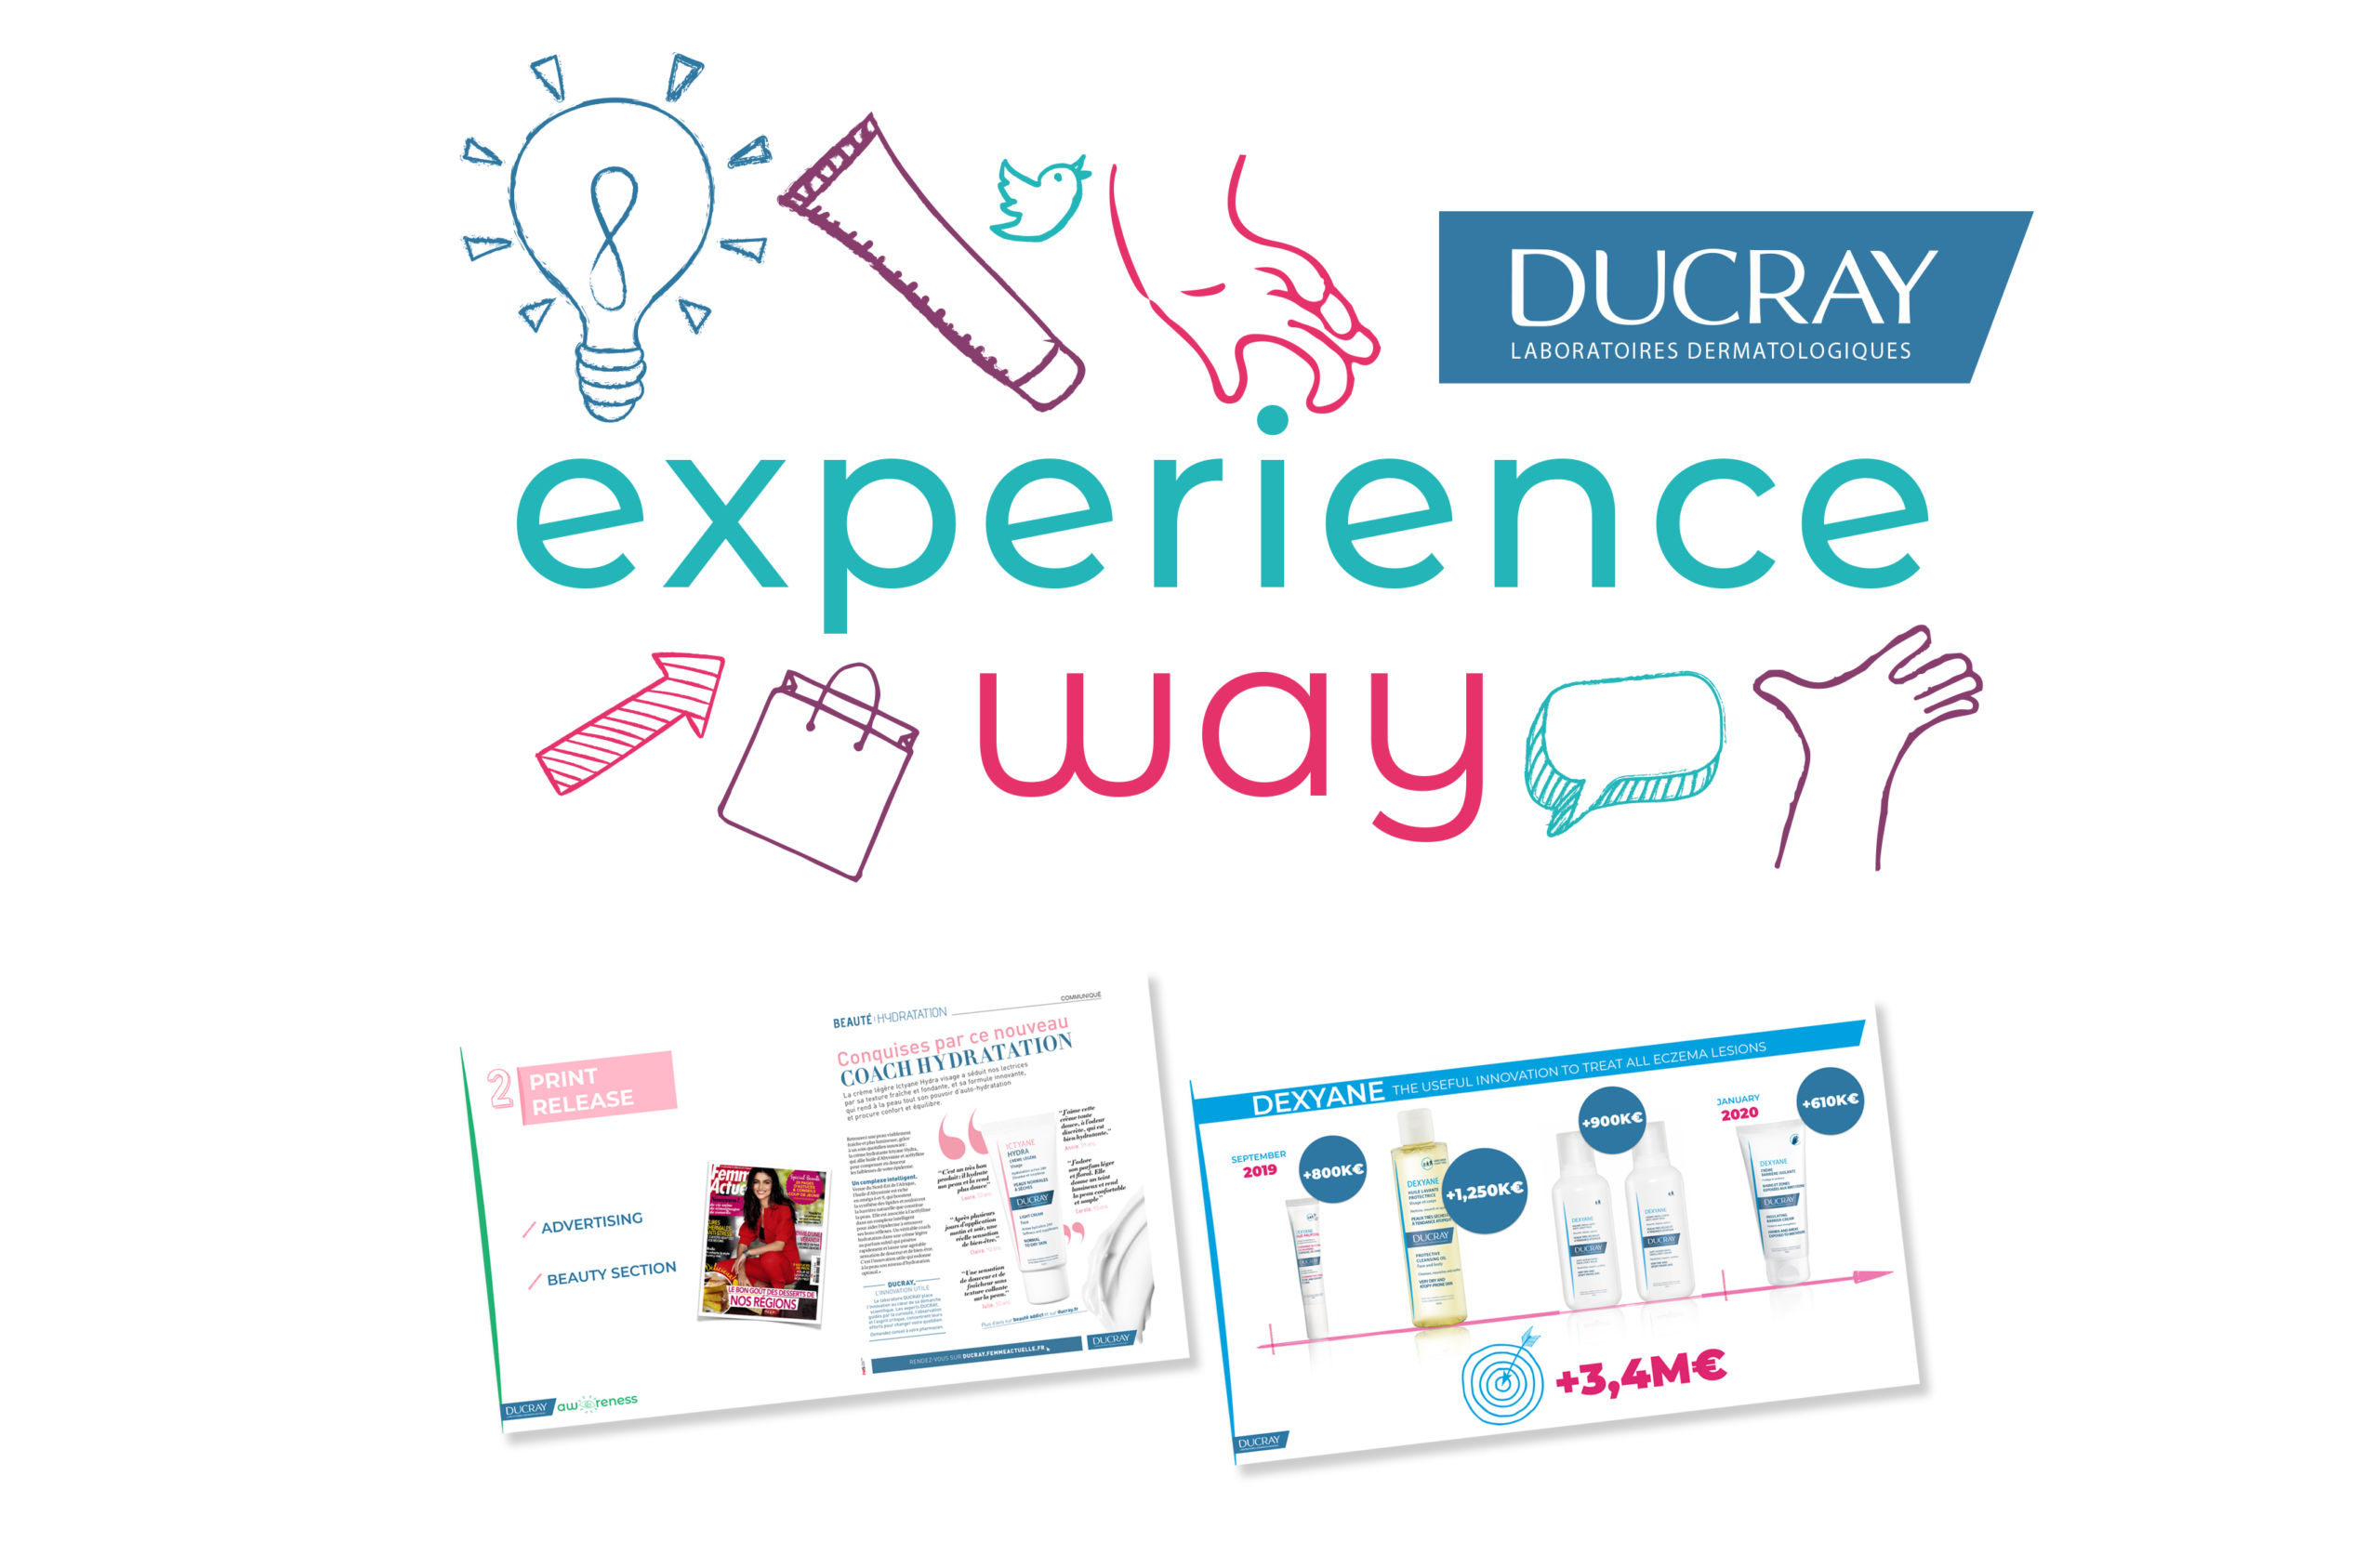 experience way ducray